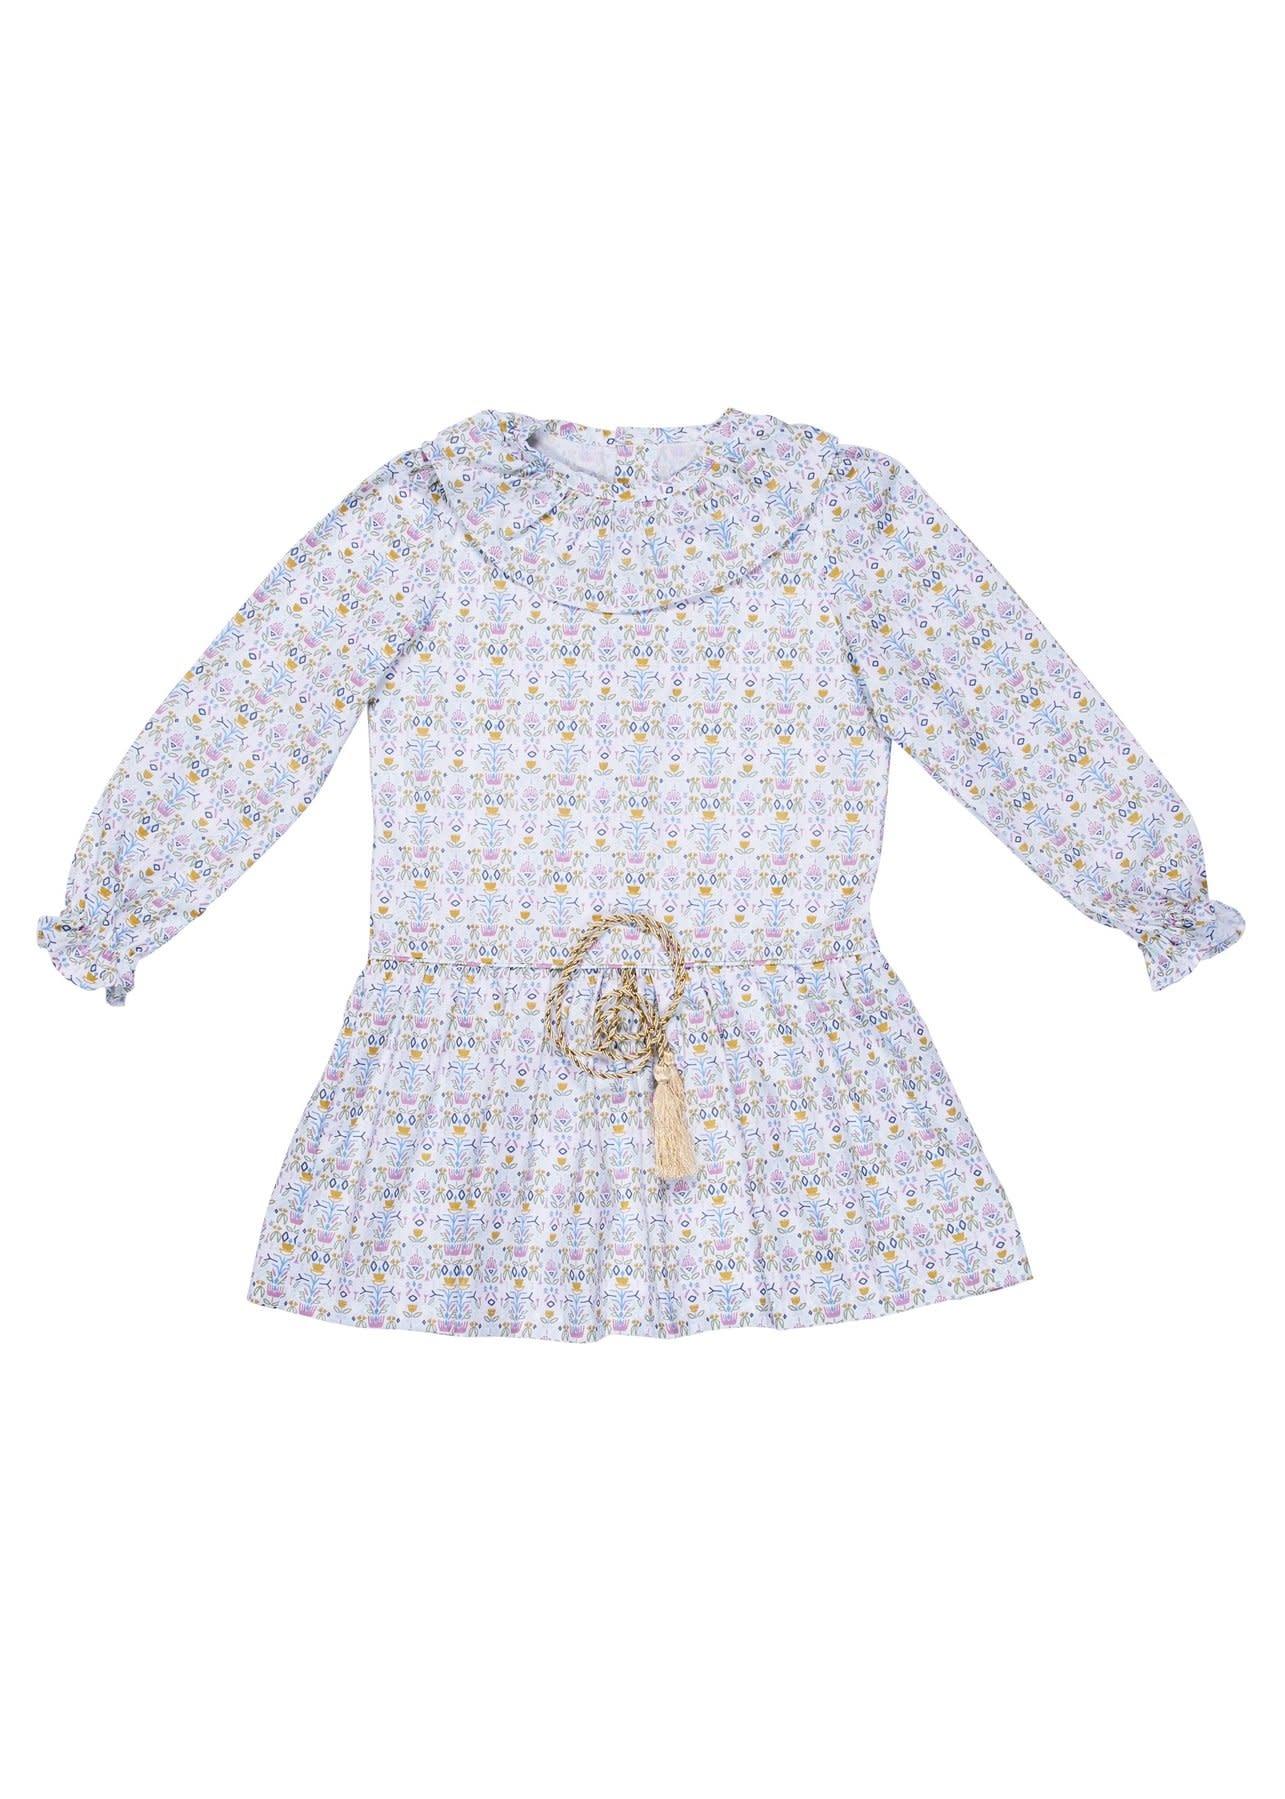 Lila + Hayes Ellery Dress